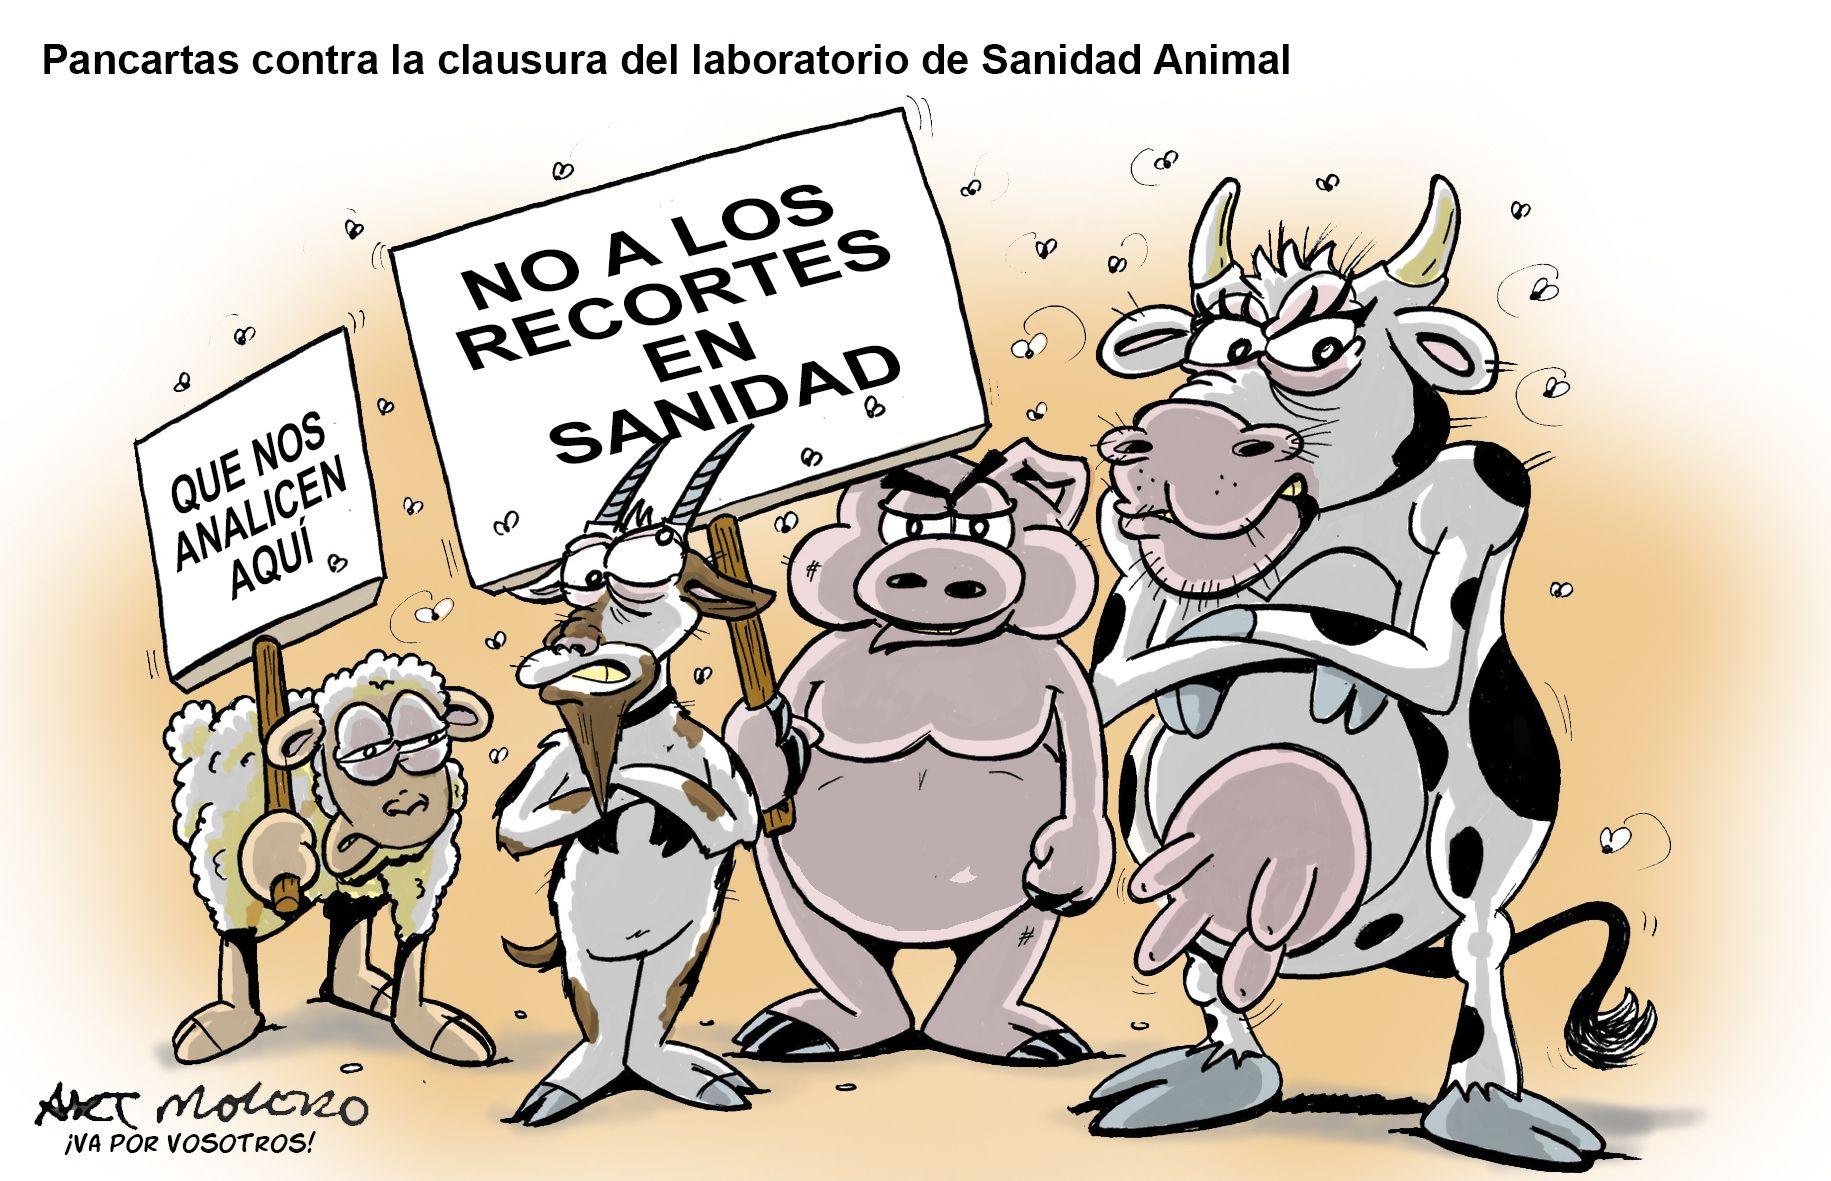 No Al Cierre Del Laboratorio De Sanidad Animal Sanidad Animal Sanidad Pancartas